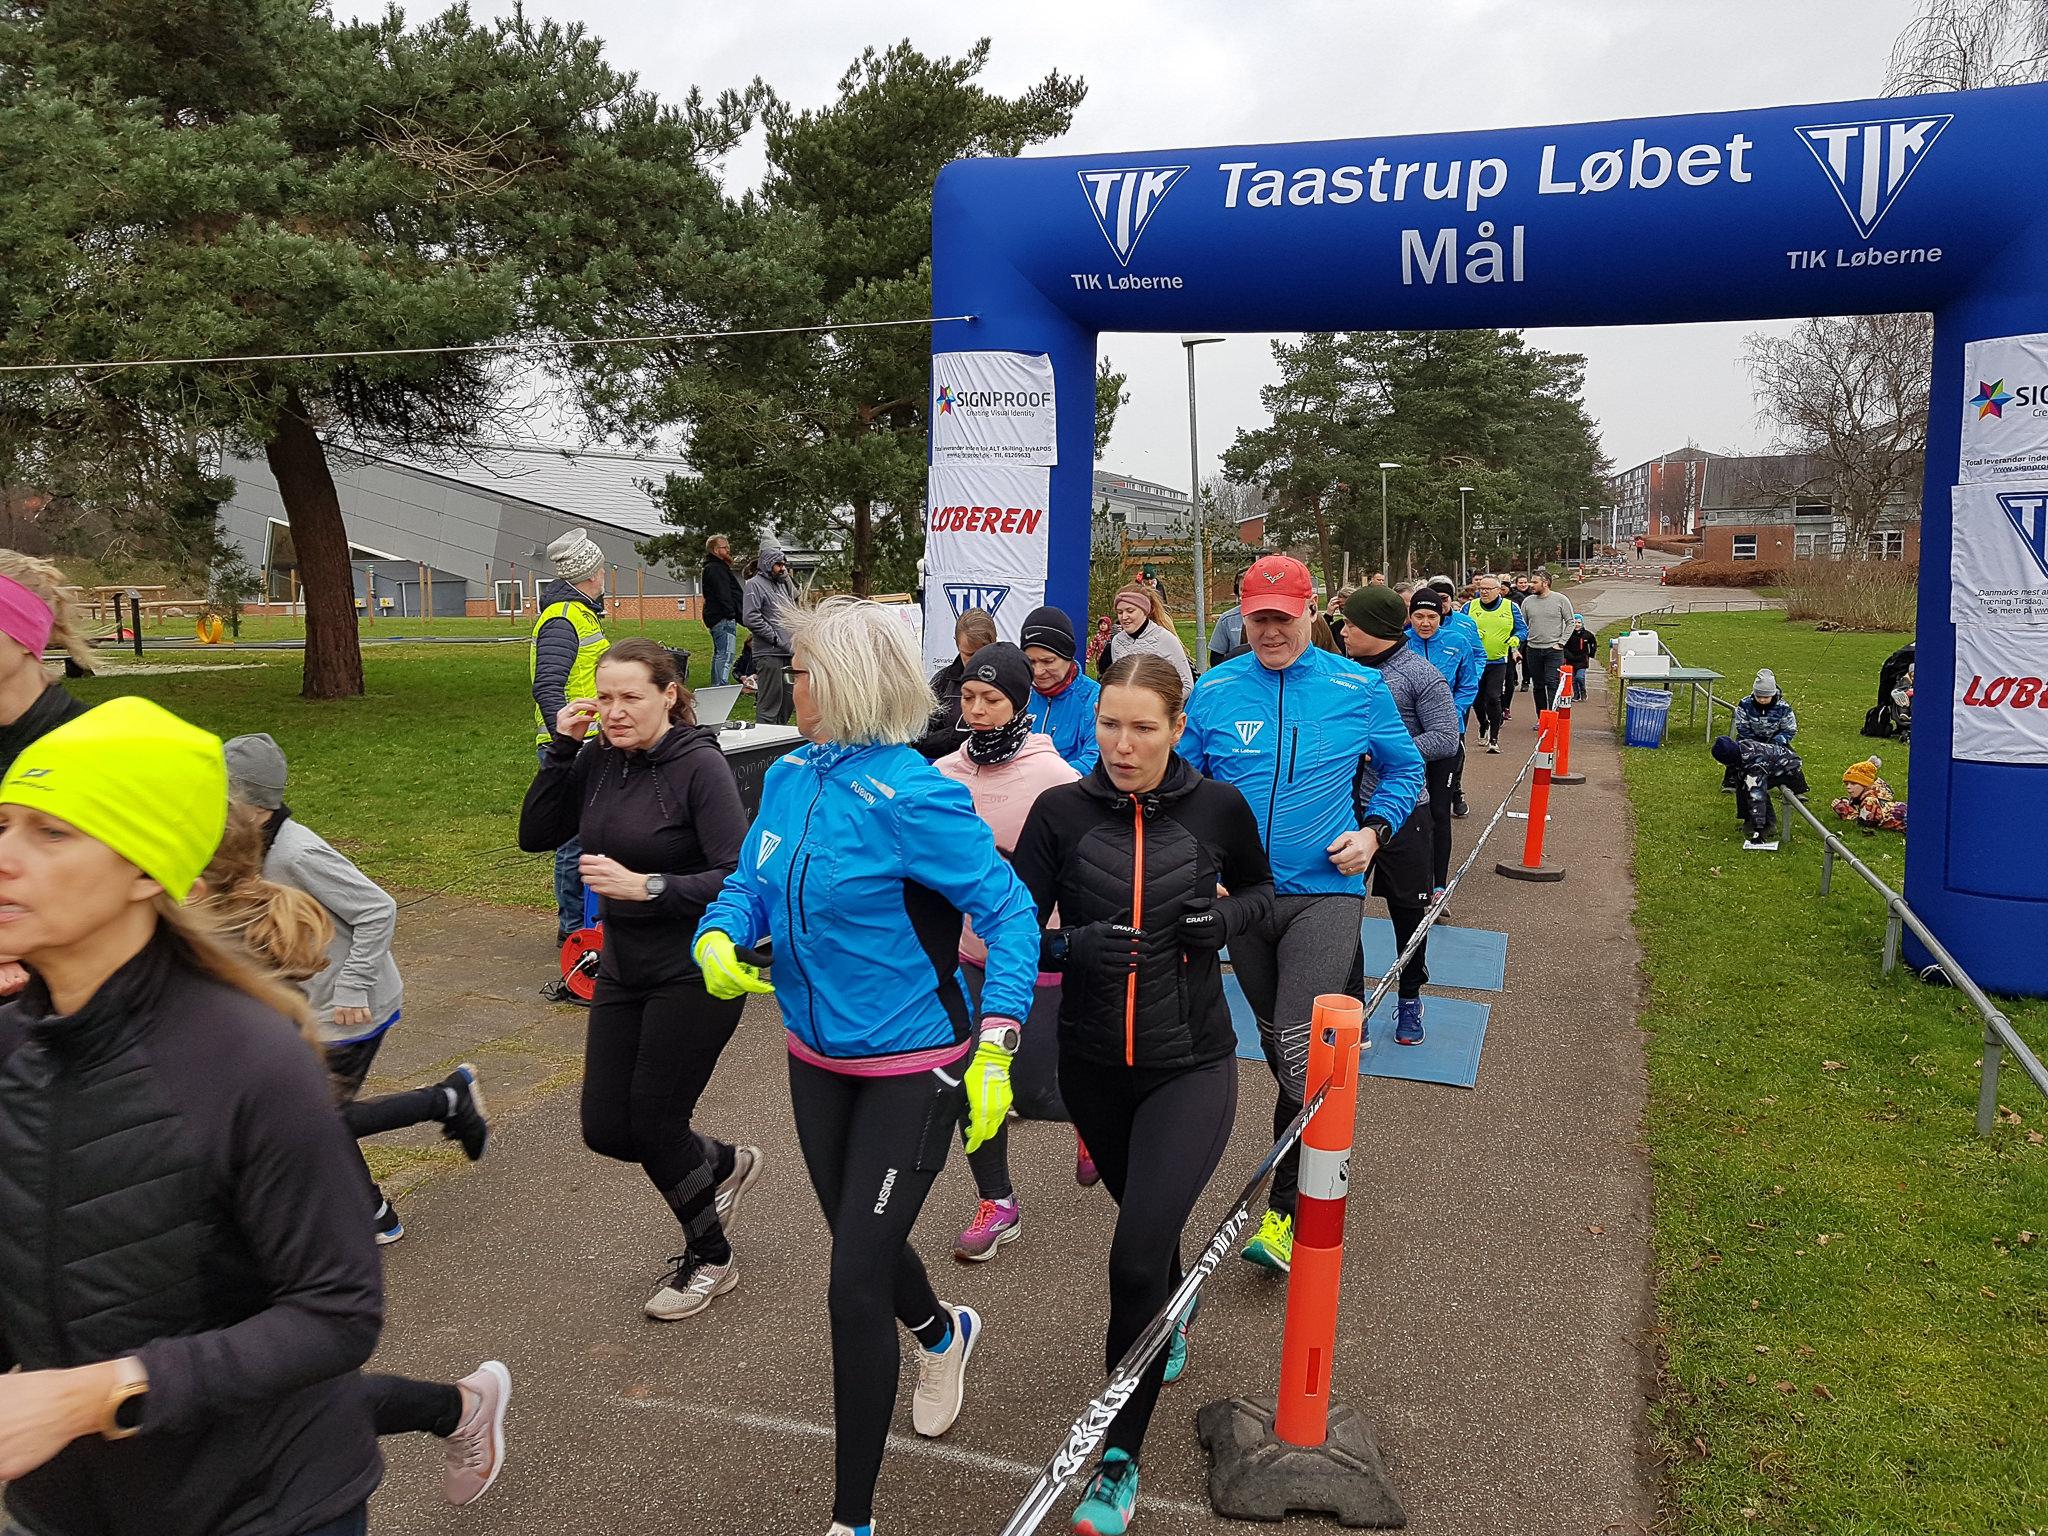 2020-02-09-185-Taastrup-Løbet-2020-02